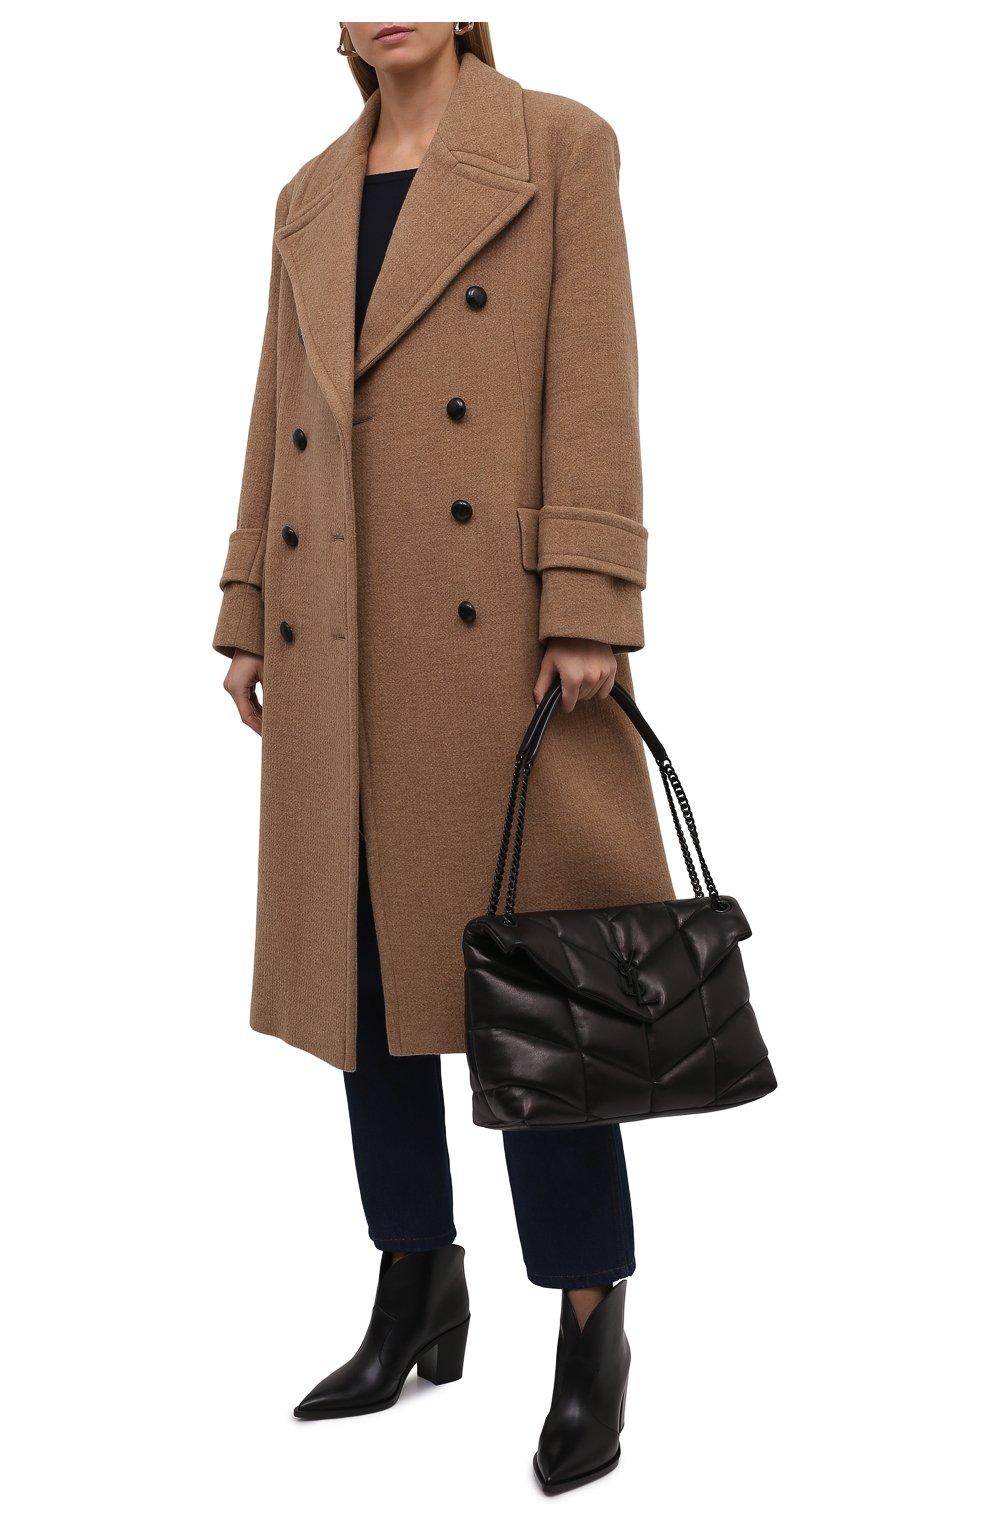 Женские кожаные ботильоны GIANVITO ROSSI черного цвета, арт. G05683.70CU0.VGINER0 | Фото 2 (Каблук высота: Высокий, Средний; Материал внутренний: Натуральная кожа; Каблук тип: Устойчивый; Подошва: Плоская)